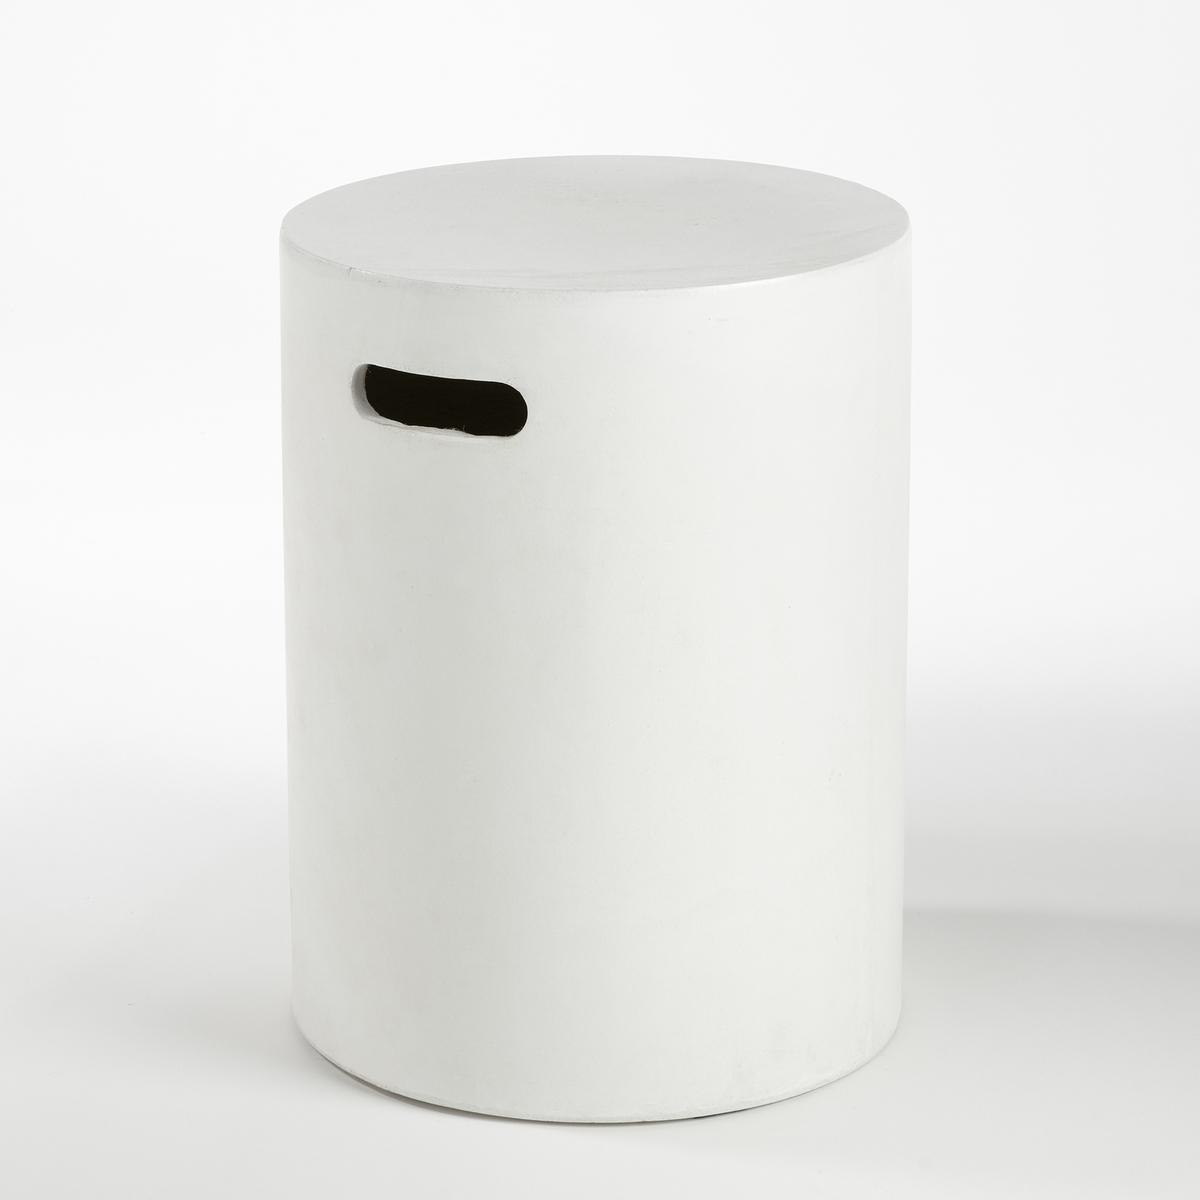 Журнальный столик Tatum, цемент